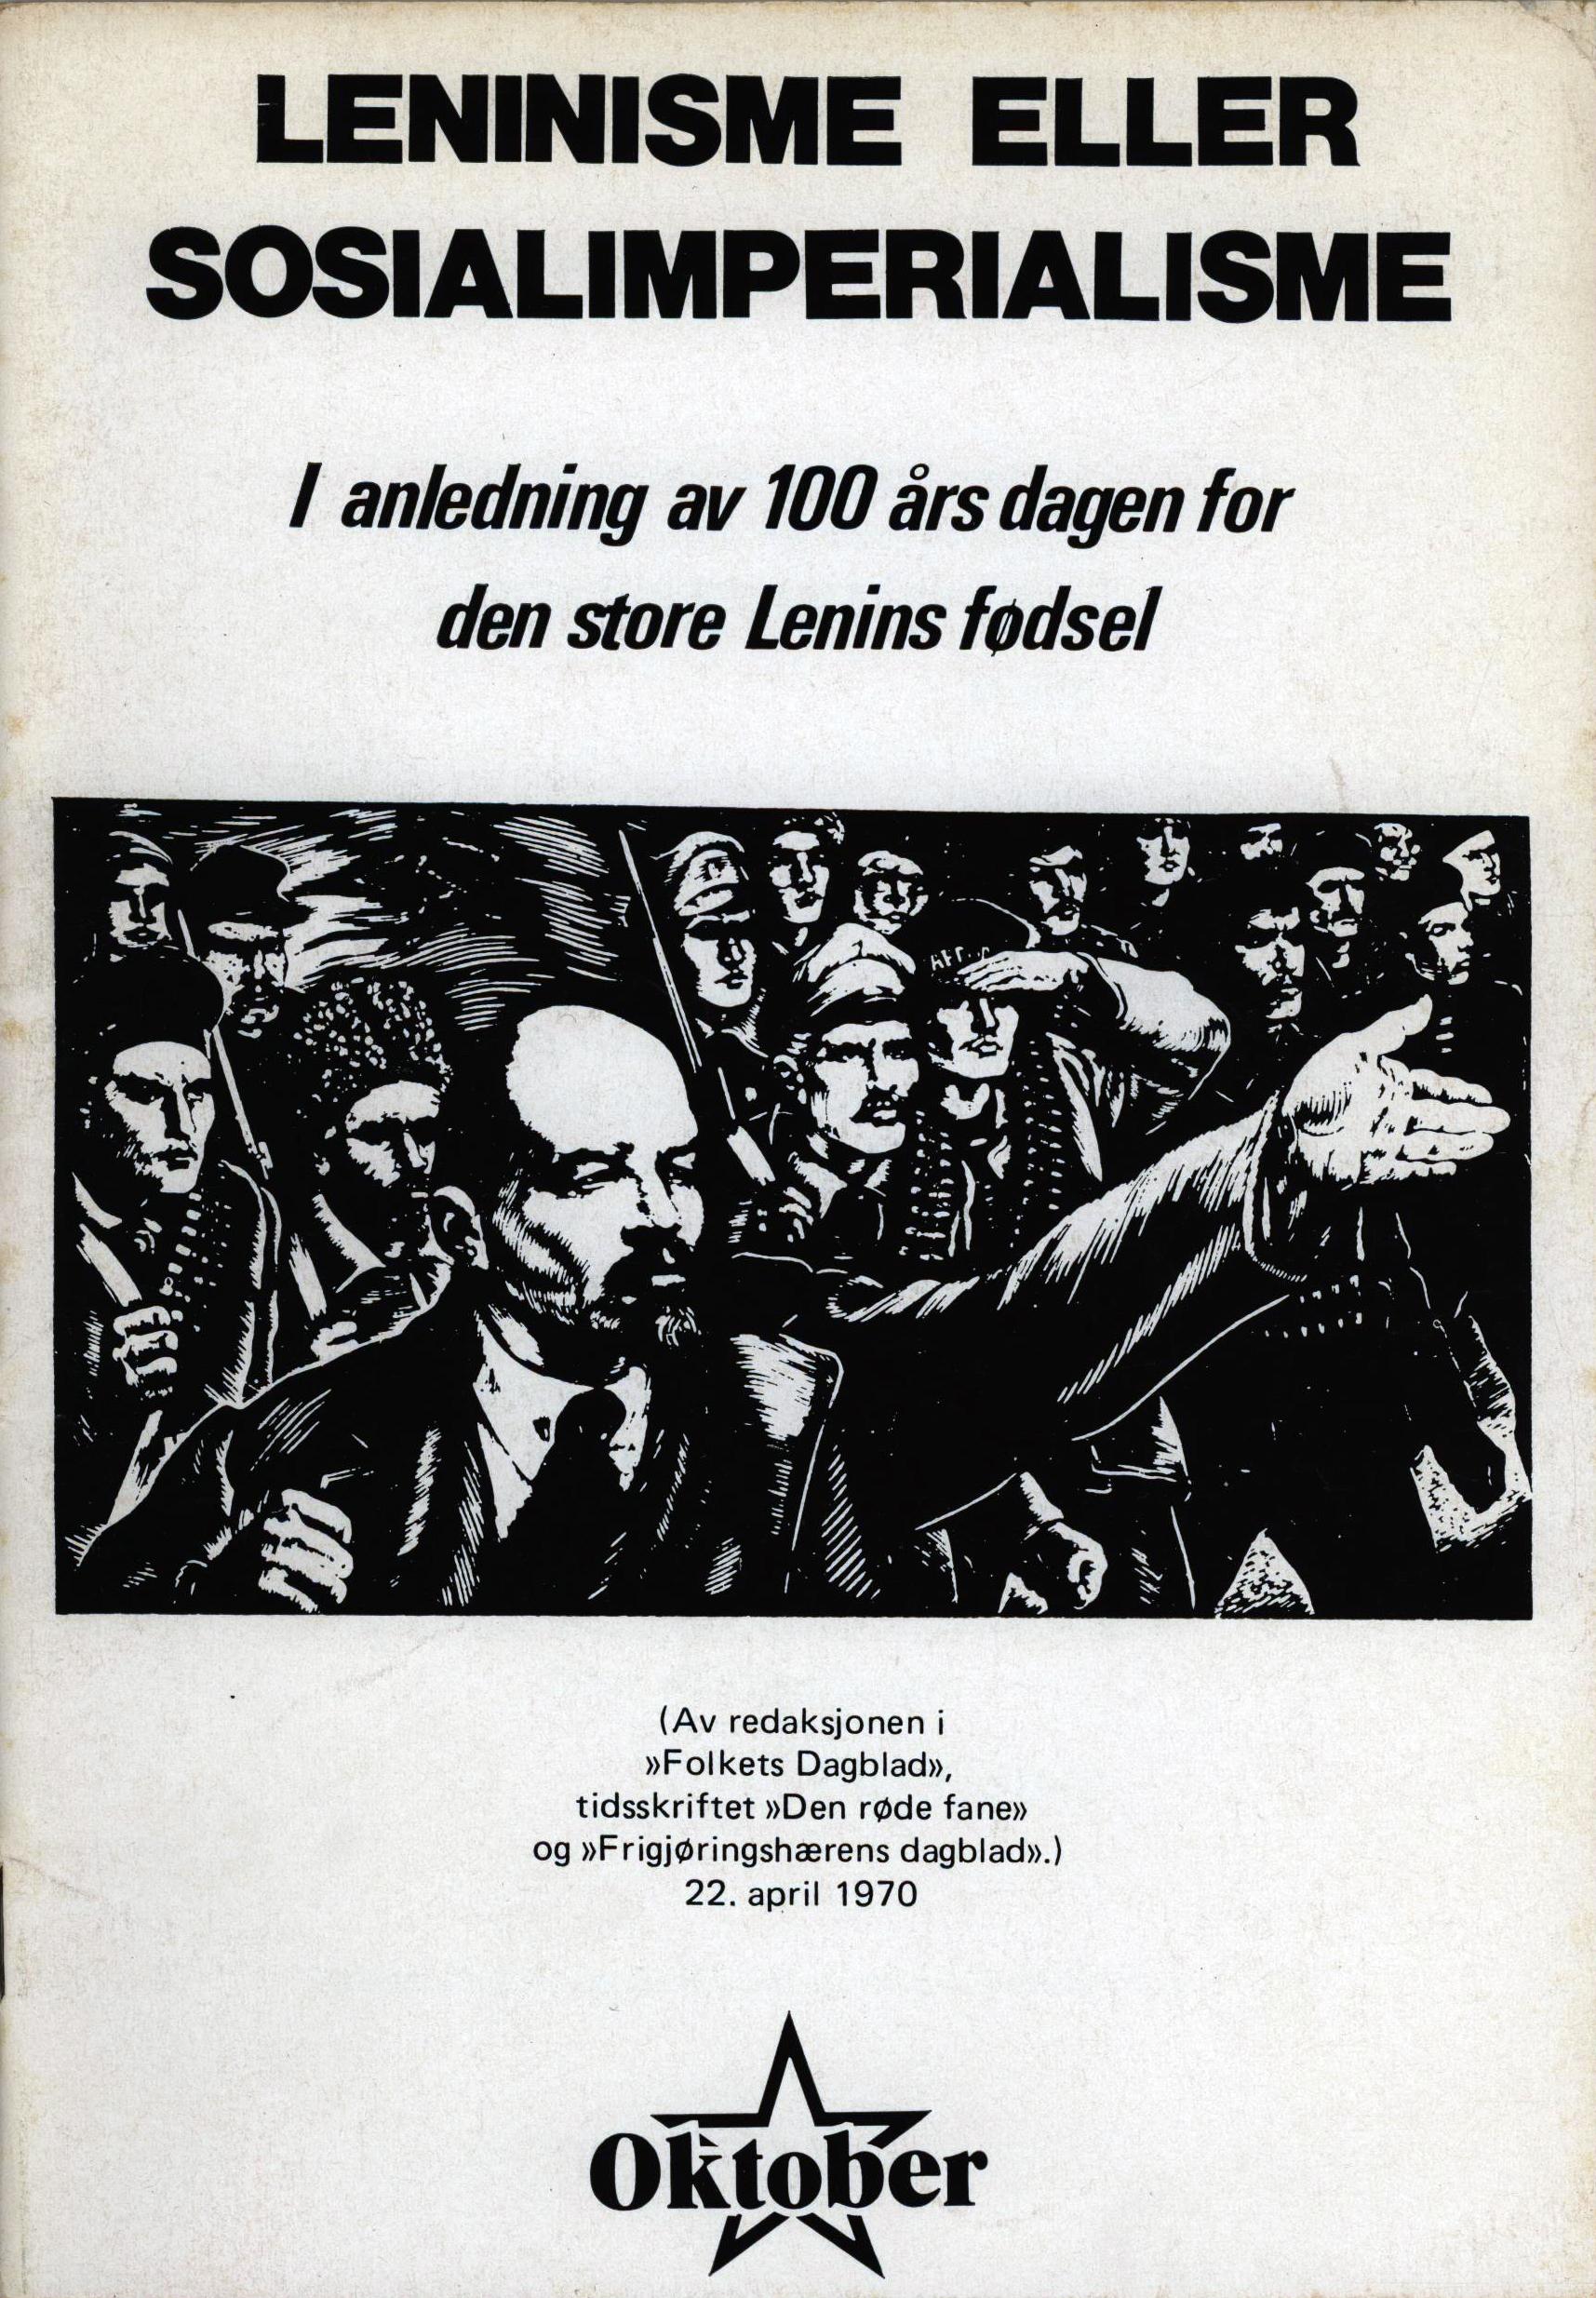 Leninisme eller sosialimperialisme